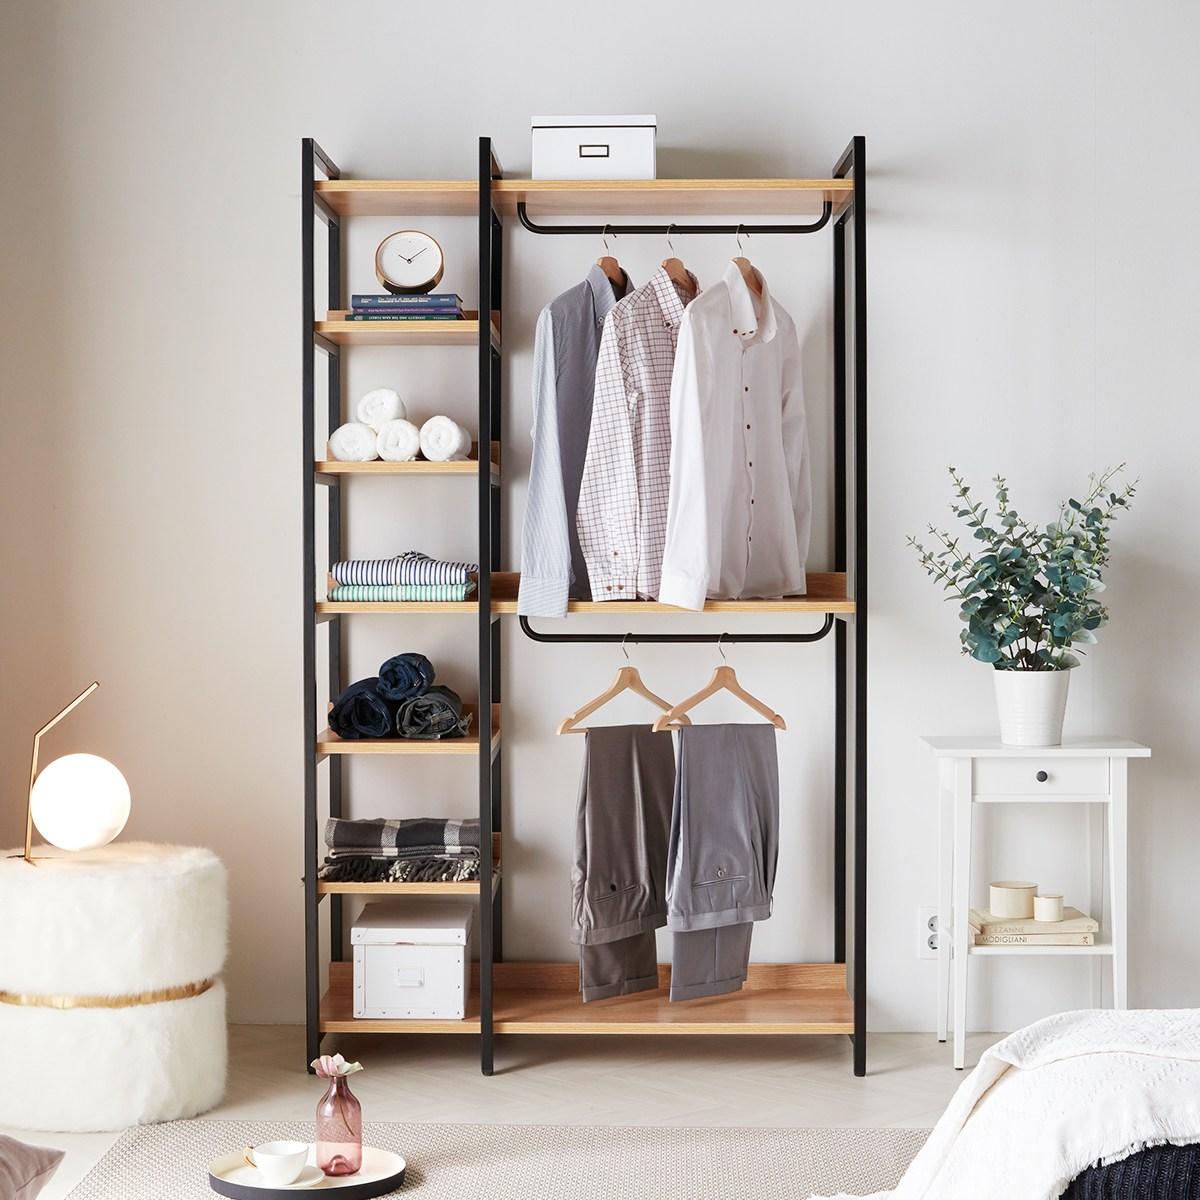 소티디자인 라움 스틸 선반 행거 옷장 1200 시스템옷장 드레스룸, 단일색상